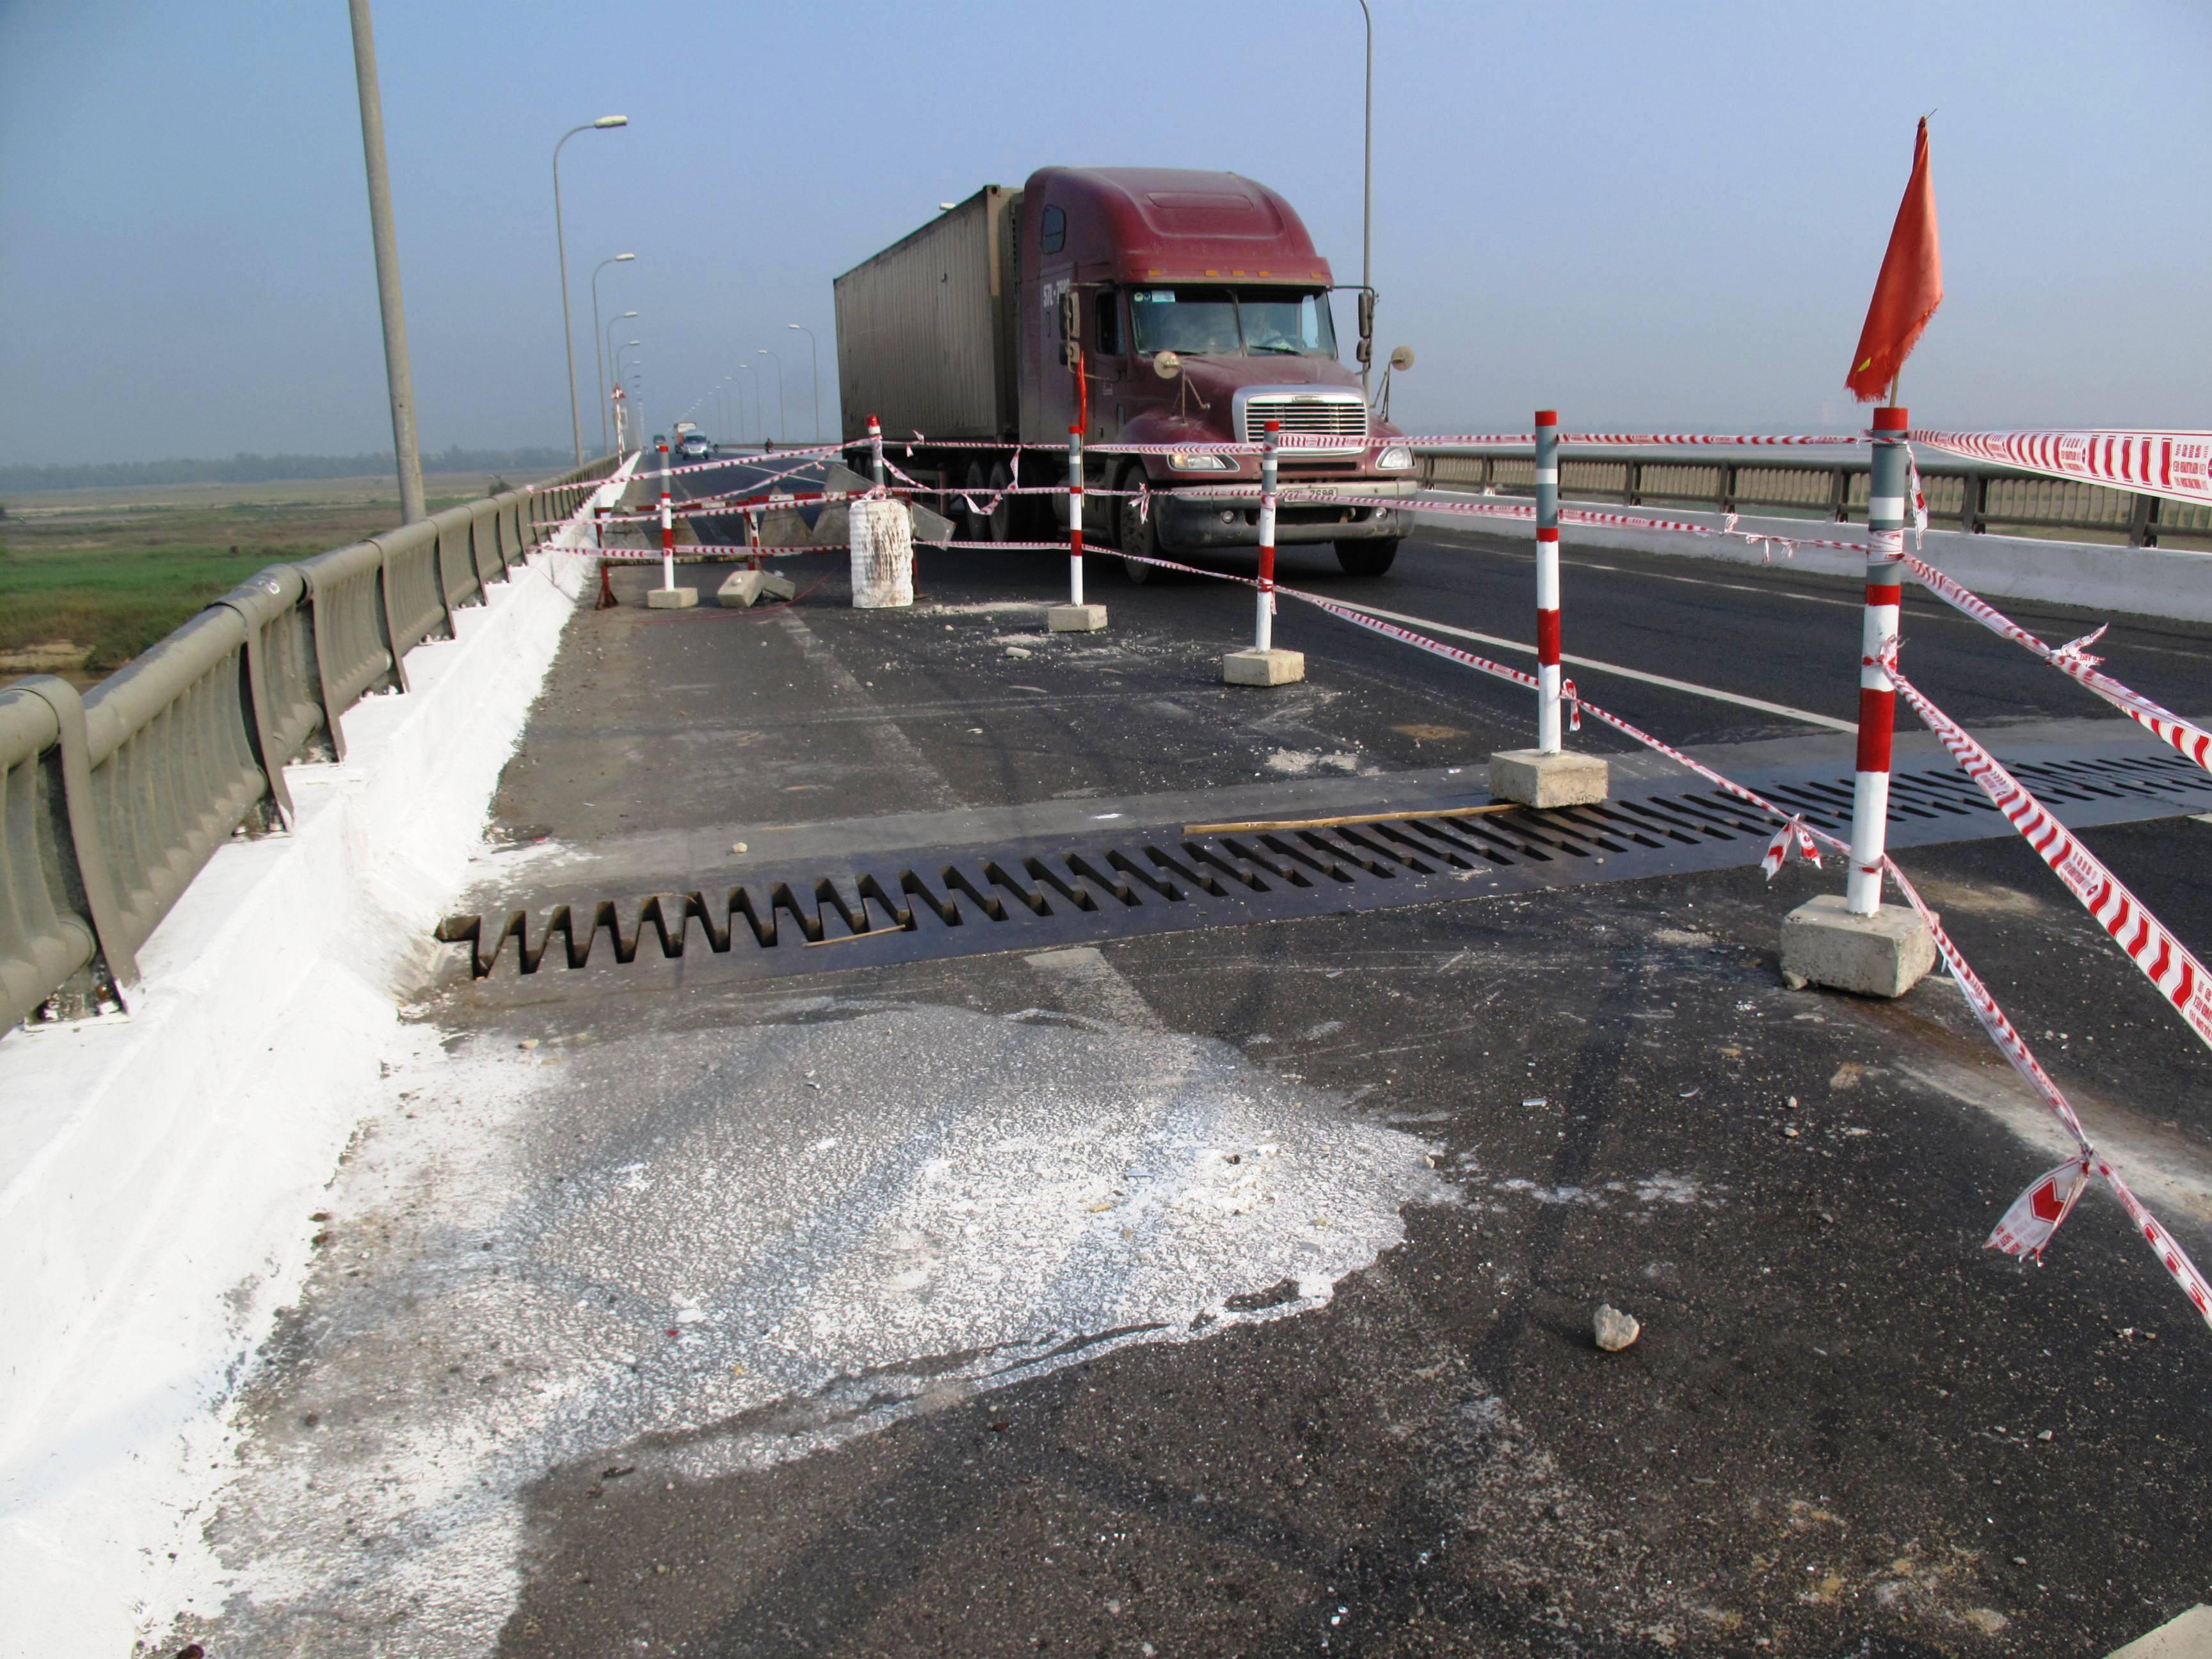 Đơn vị quản lý cầu rào chắn 1/3 mặt cầu để tránh nguy hiểm cho xe qua lại